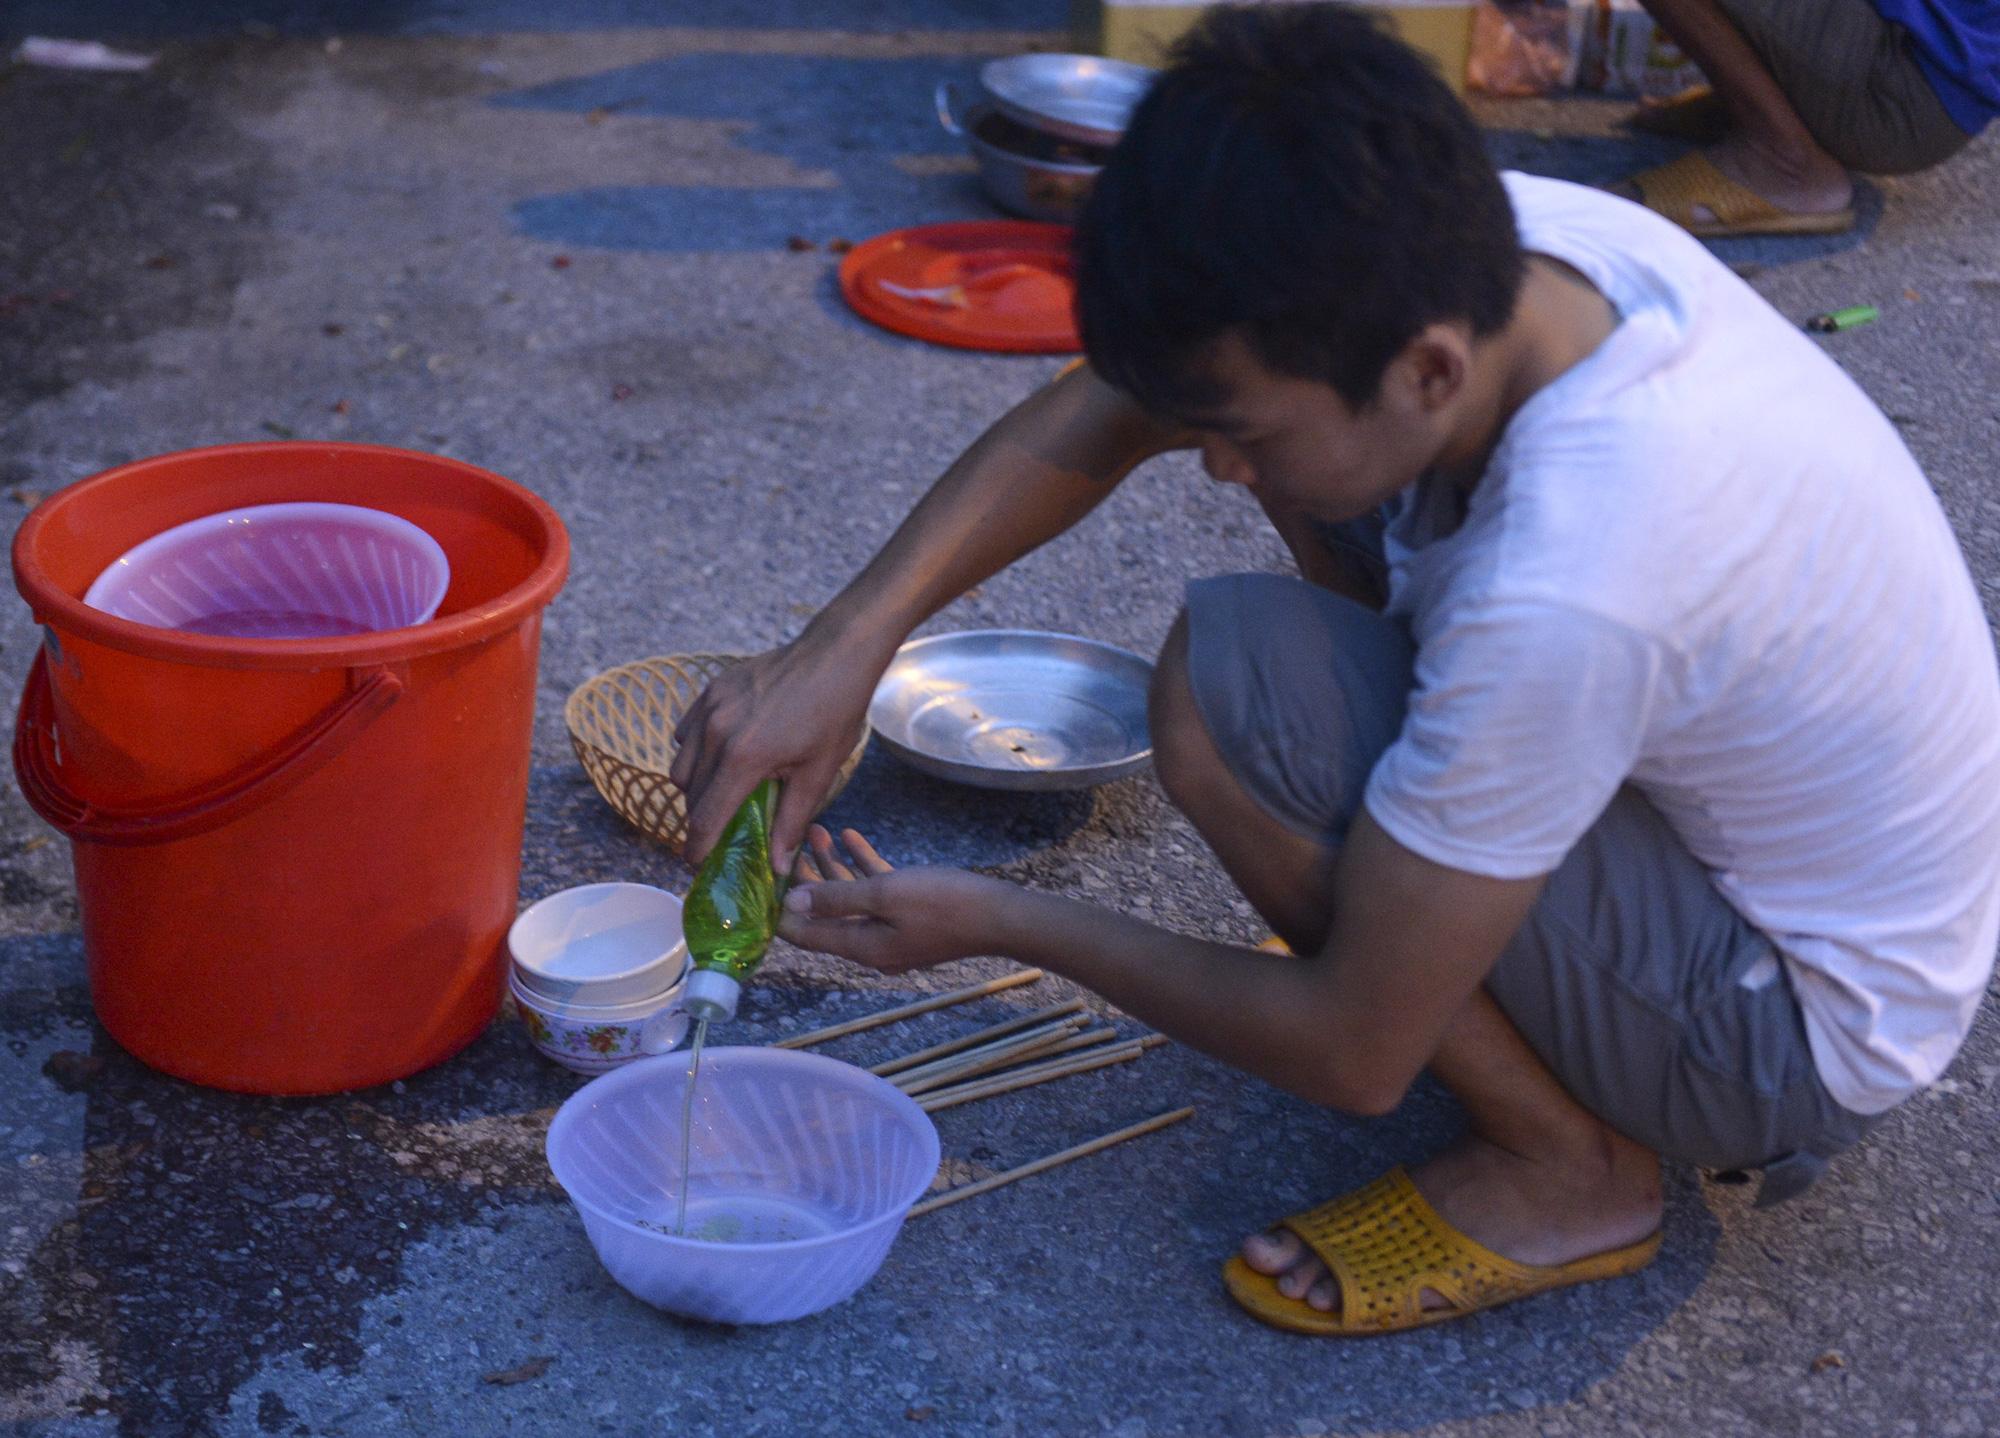 Bữa cơm nấu vội ngay ven đường của tài xế nằm chờ gần 2 ngày để xin giấy luồng xanh vào Hà Nội - Ảnh 13.